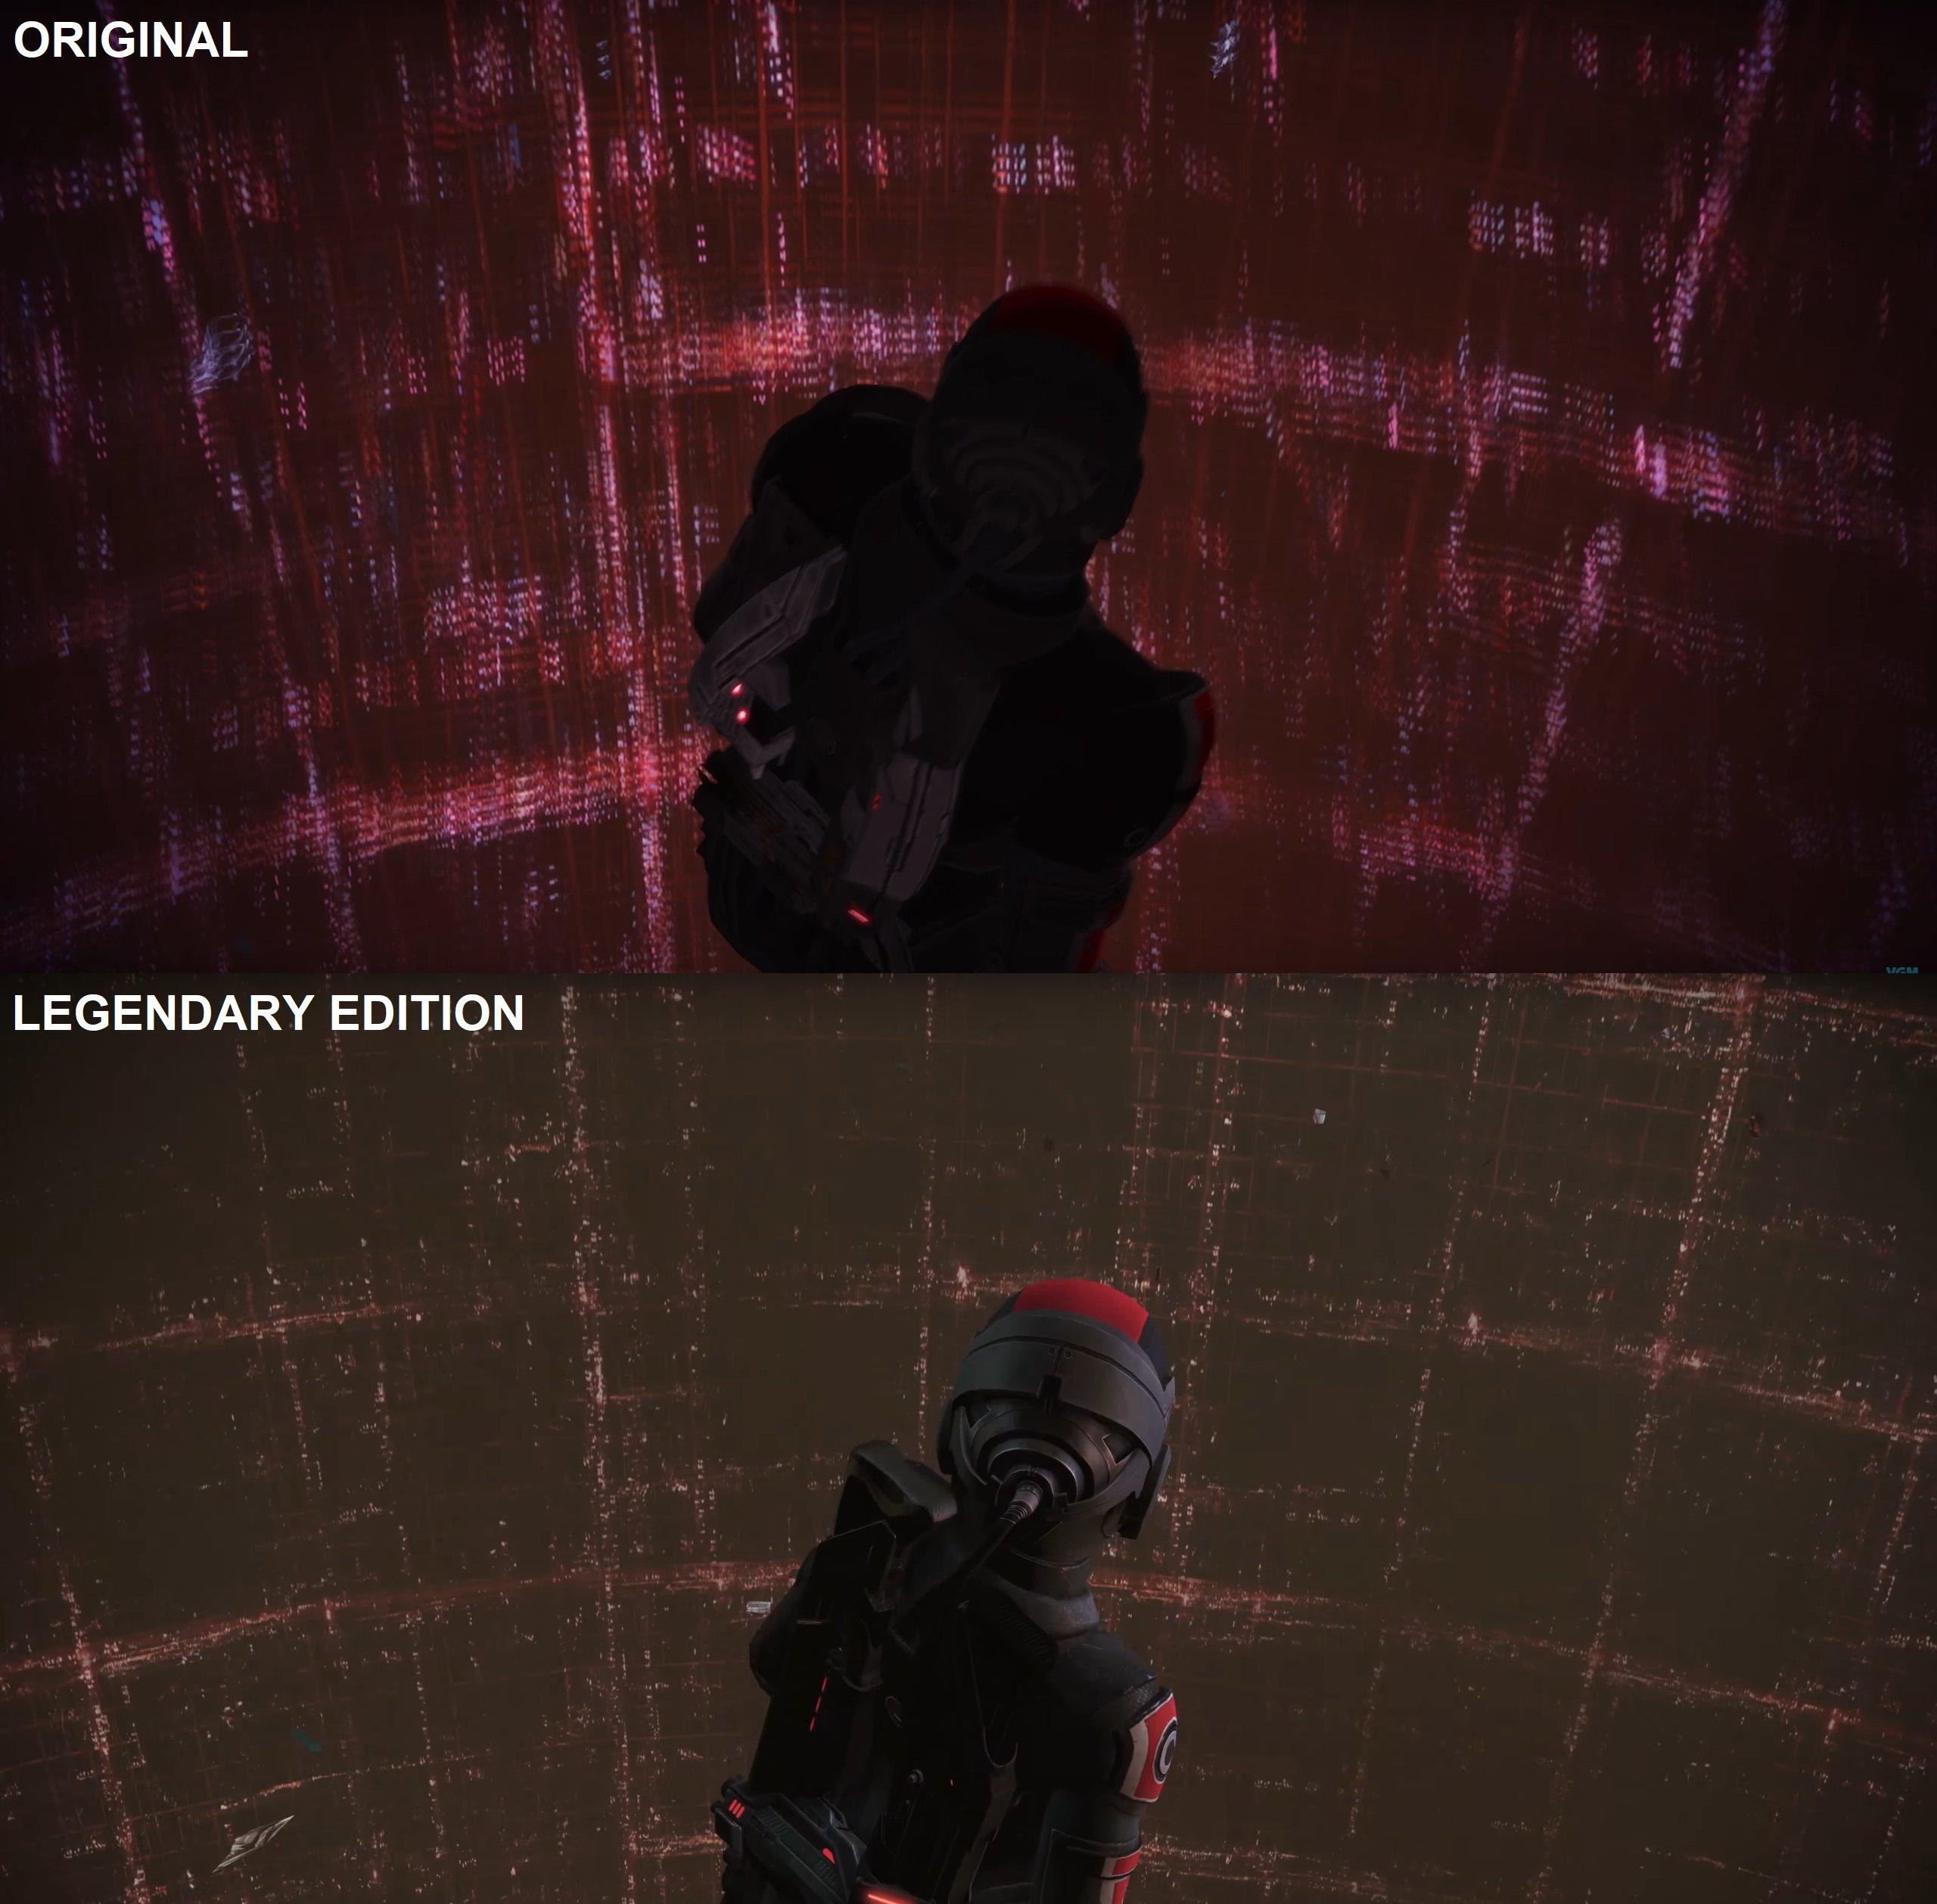 Новые детали, трейлер, скриншоты и дата релиза Mass Effect: Legendary Edition 4